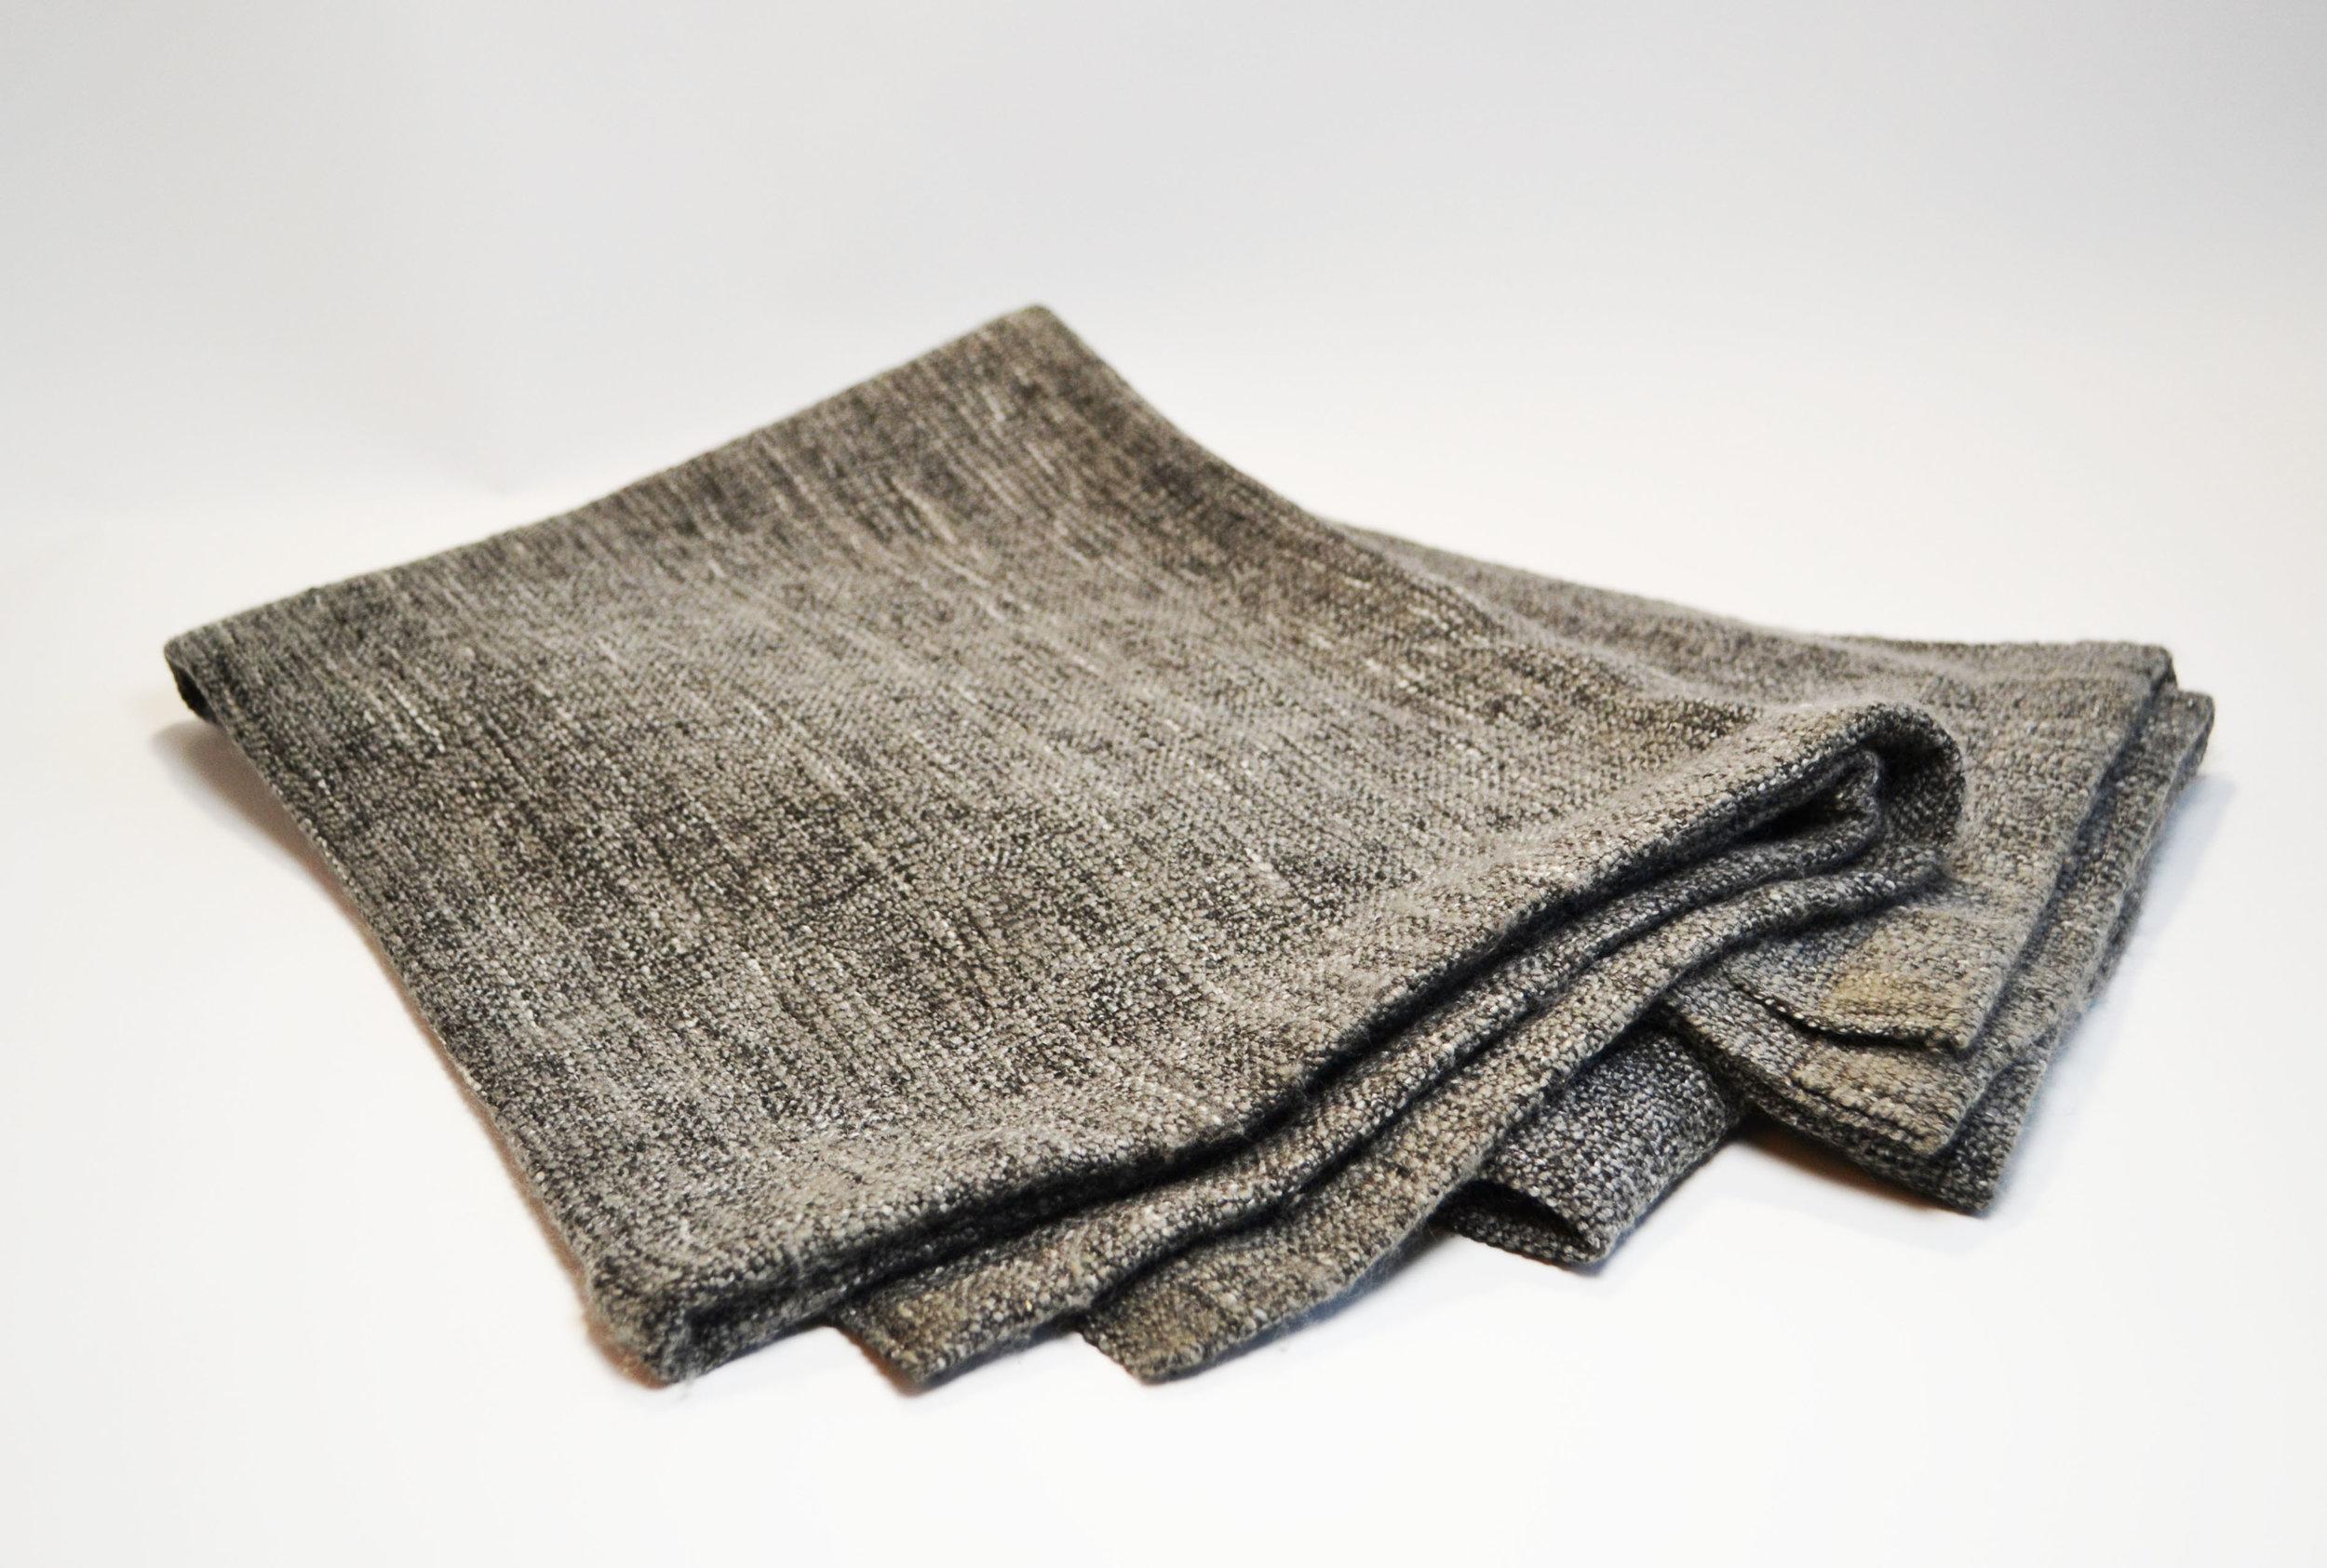 textured grey blanket   Quantity: 10  Price: $5.50